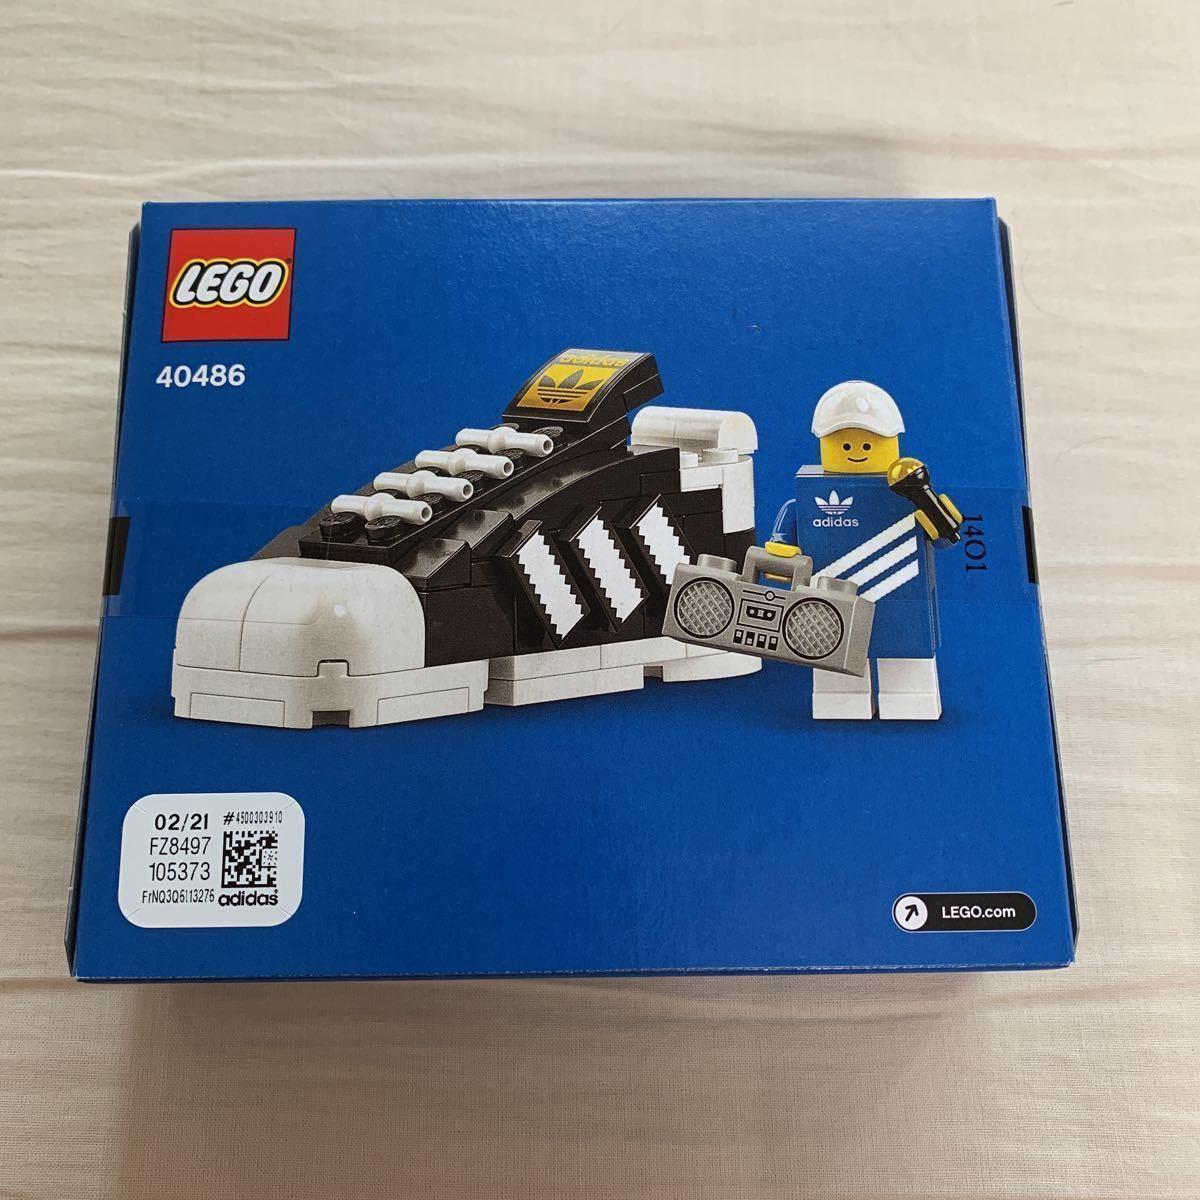 LEGO 40489 非売品 adidas アディダス ミニフィグ